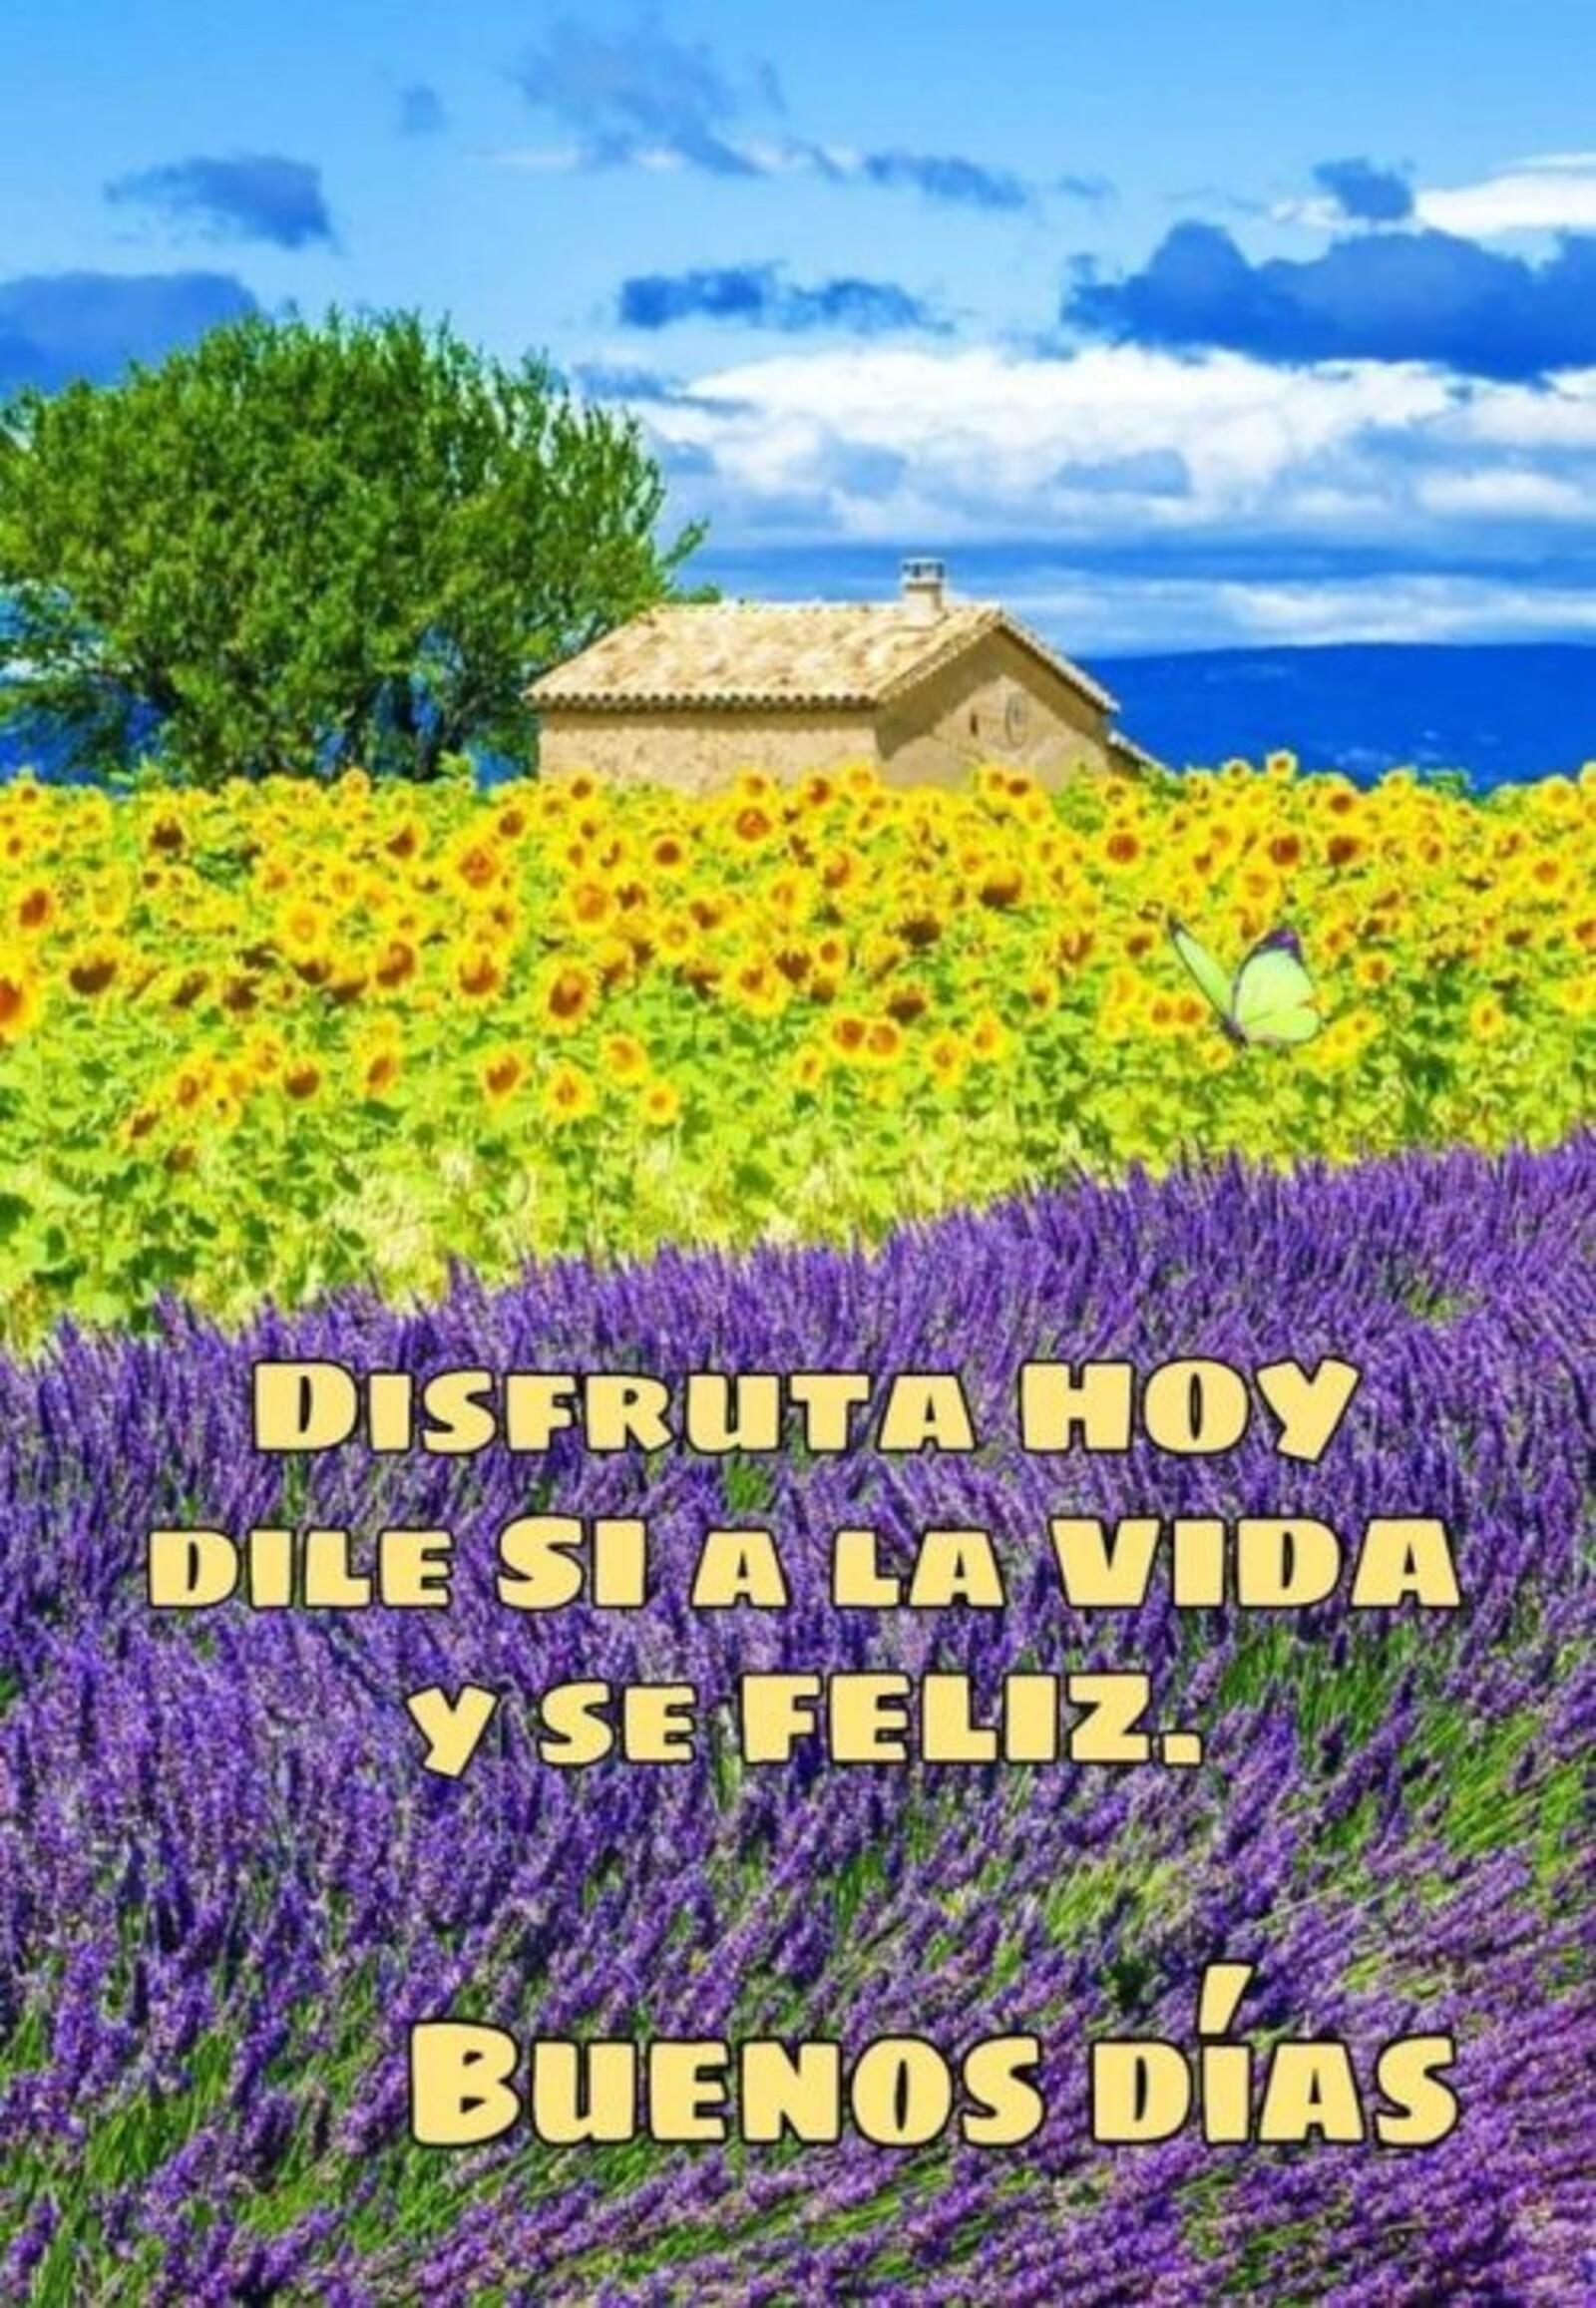 Disfruta hoy dile si a la vida y se feliz. Buenos días